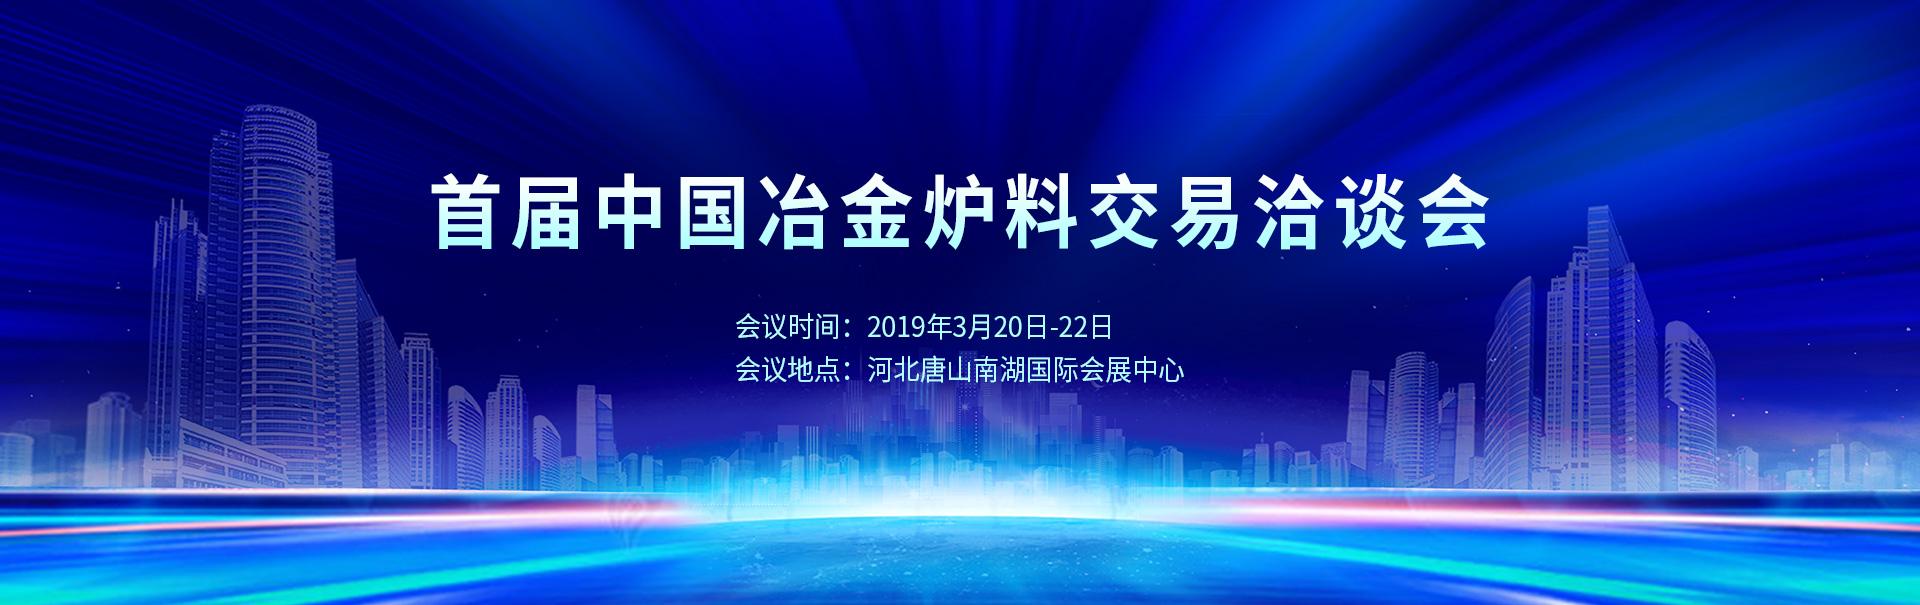 首届中国冶金炉料交易洽谈会